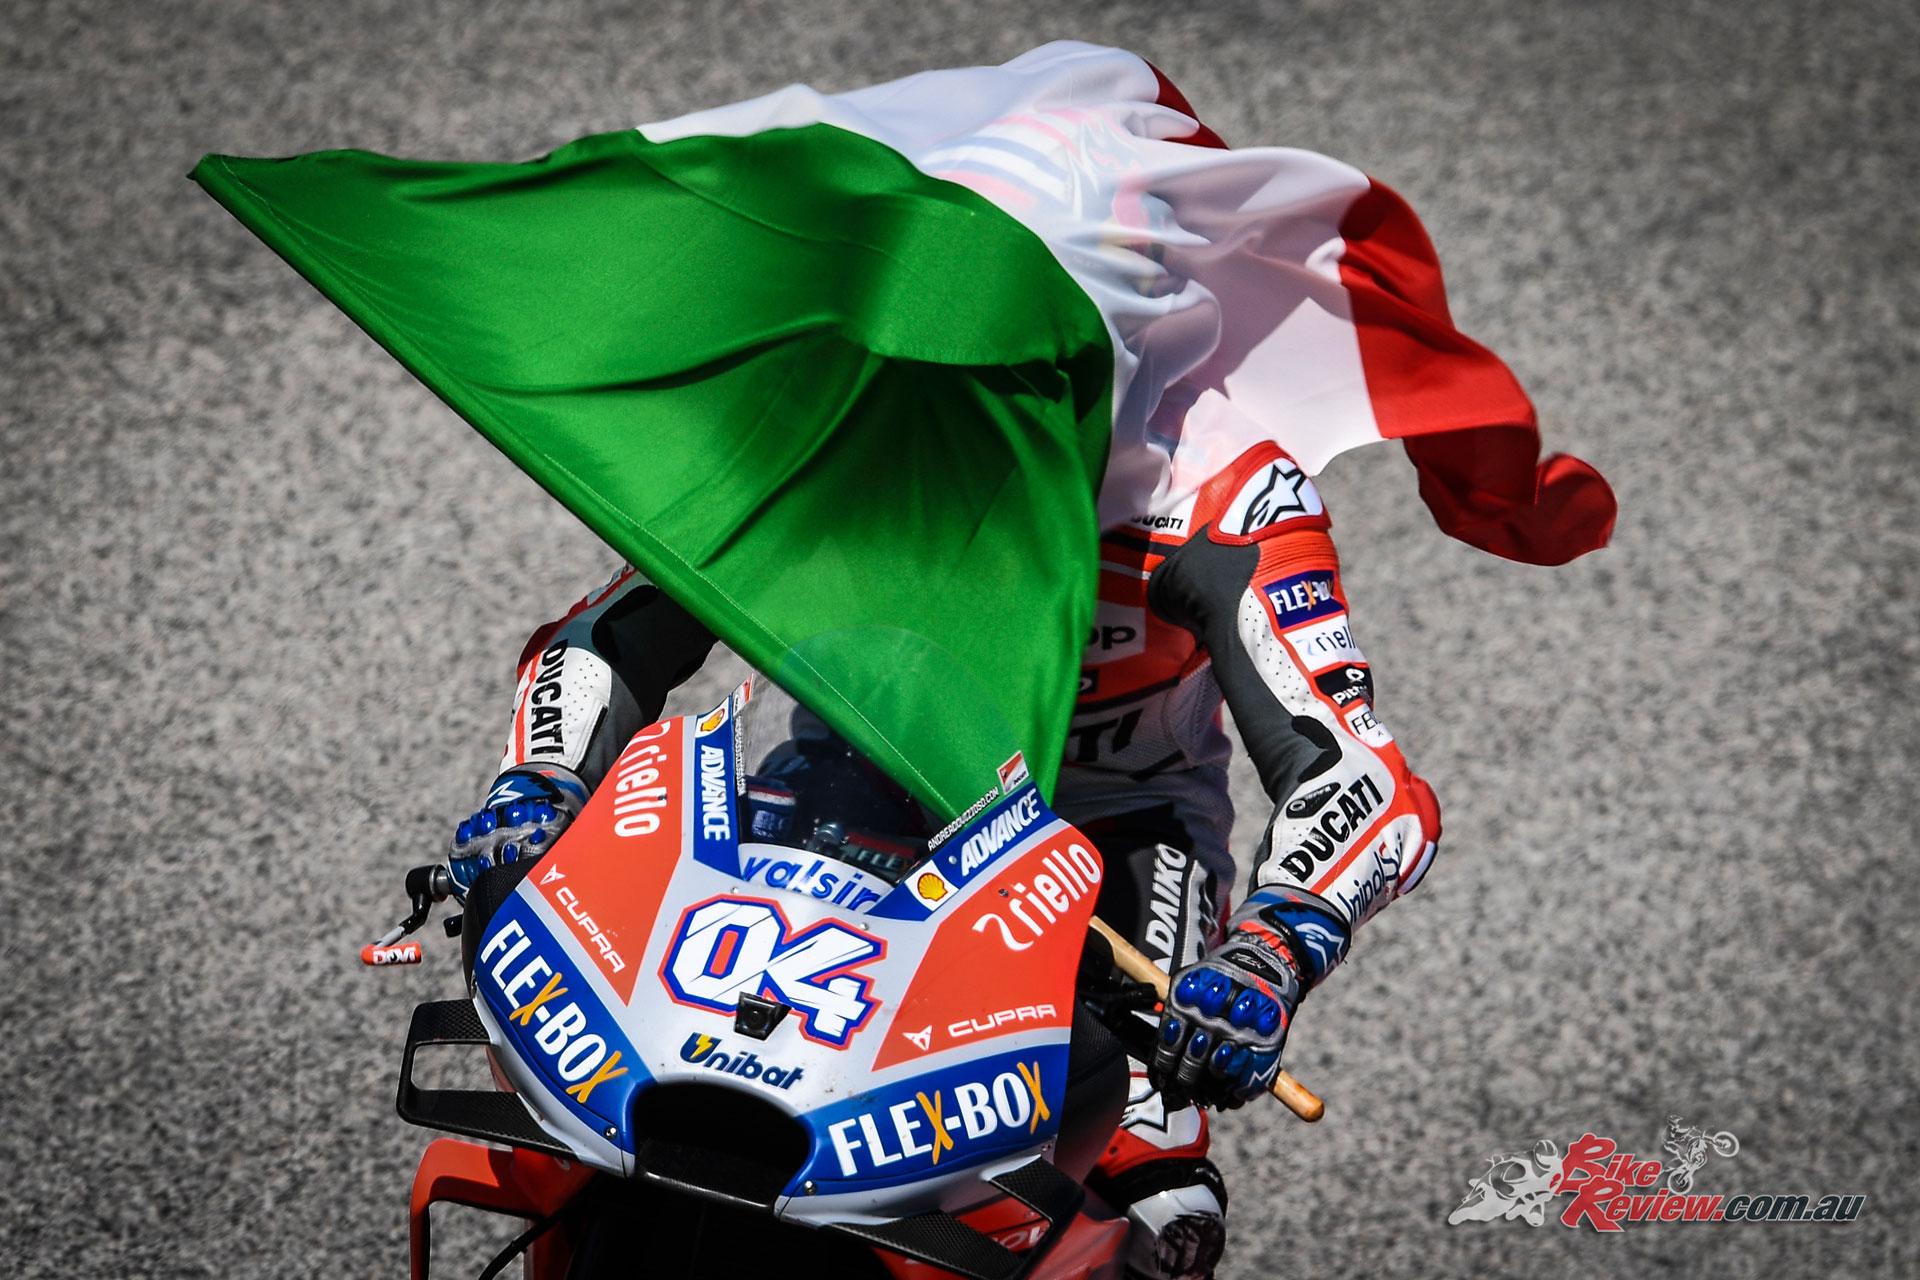 Andrea Dovizioso - MotoGP 2018 Misano